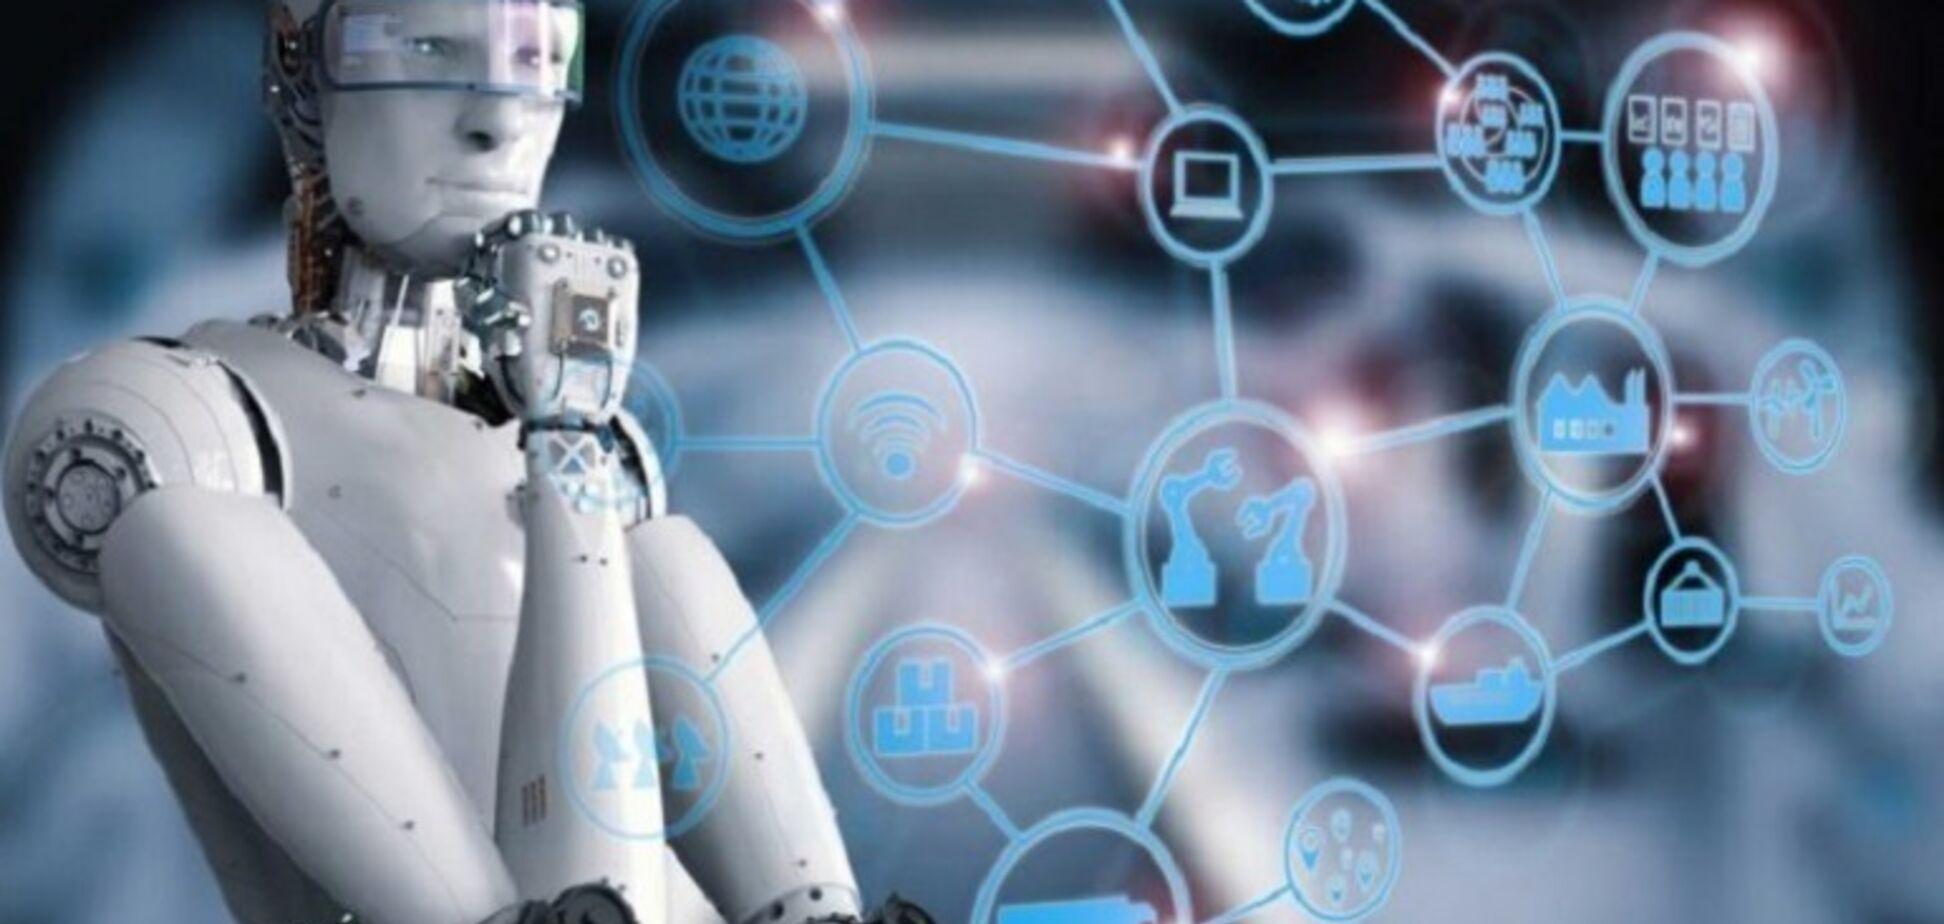 Сильнее ядерного удара: Китай заподозрили в подготовке 'армии роботов'